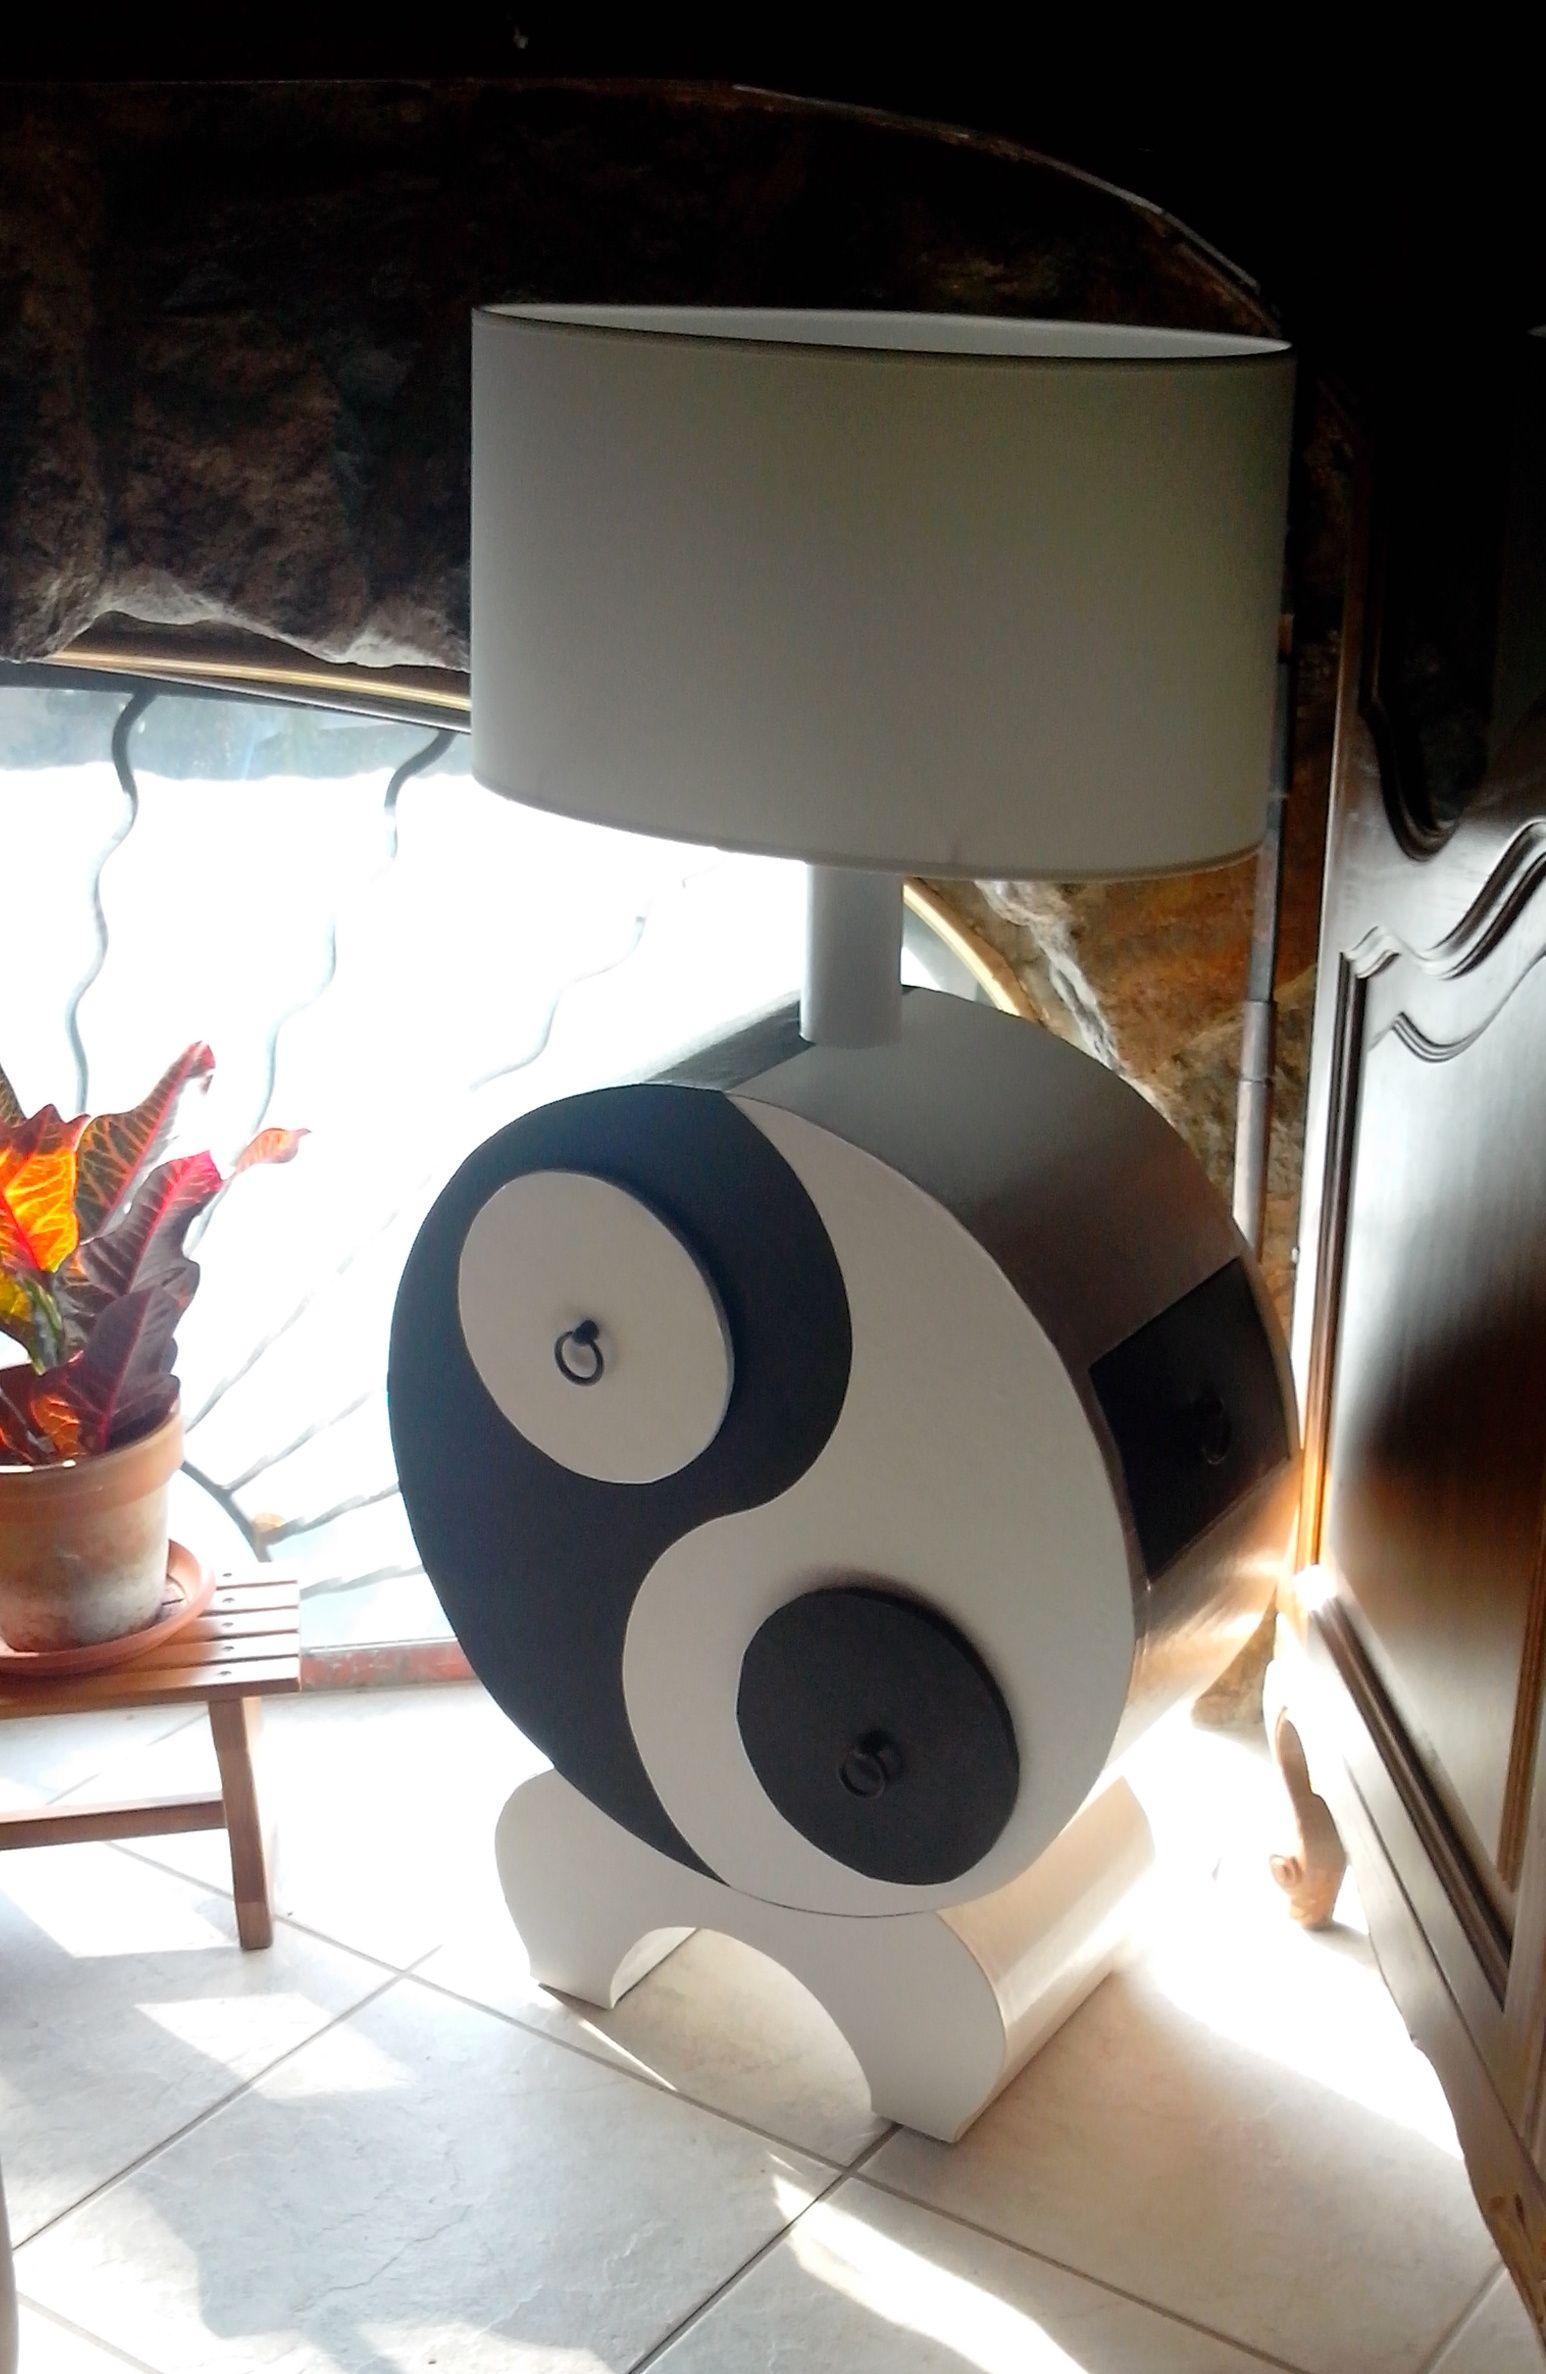 voici ma derni re cr ation en carton une petite lampe ying yang habill e de skivertex noir. Black Bedroom Furniture Sets. Home Design Ideas